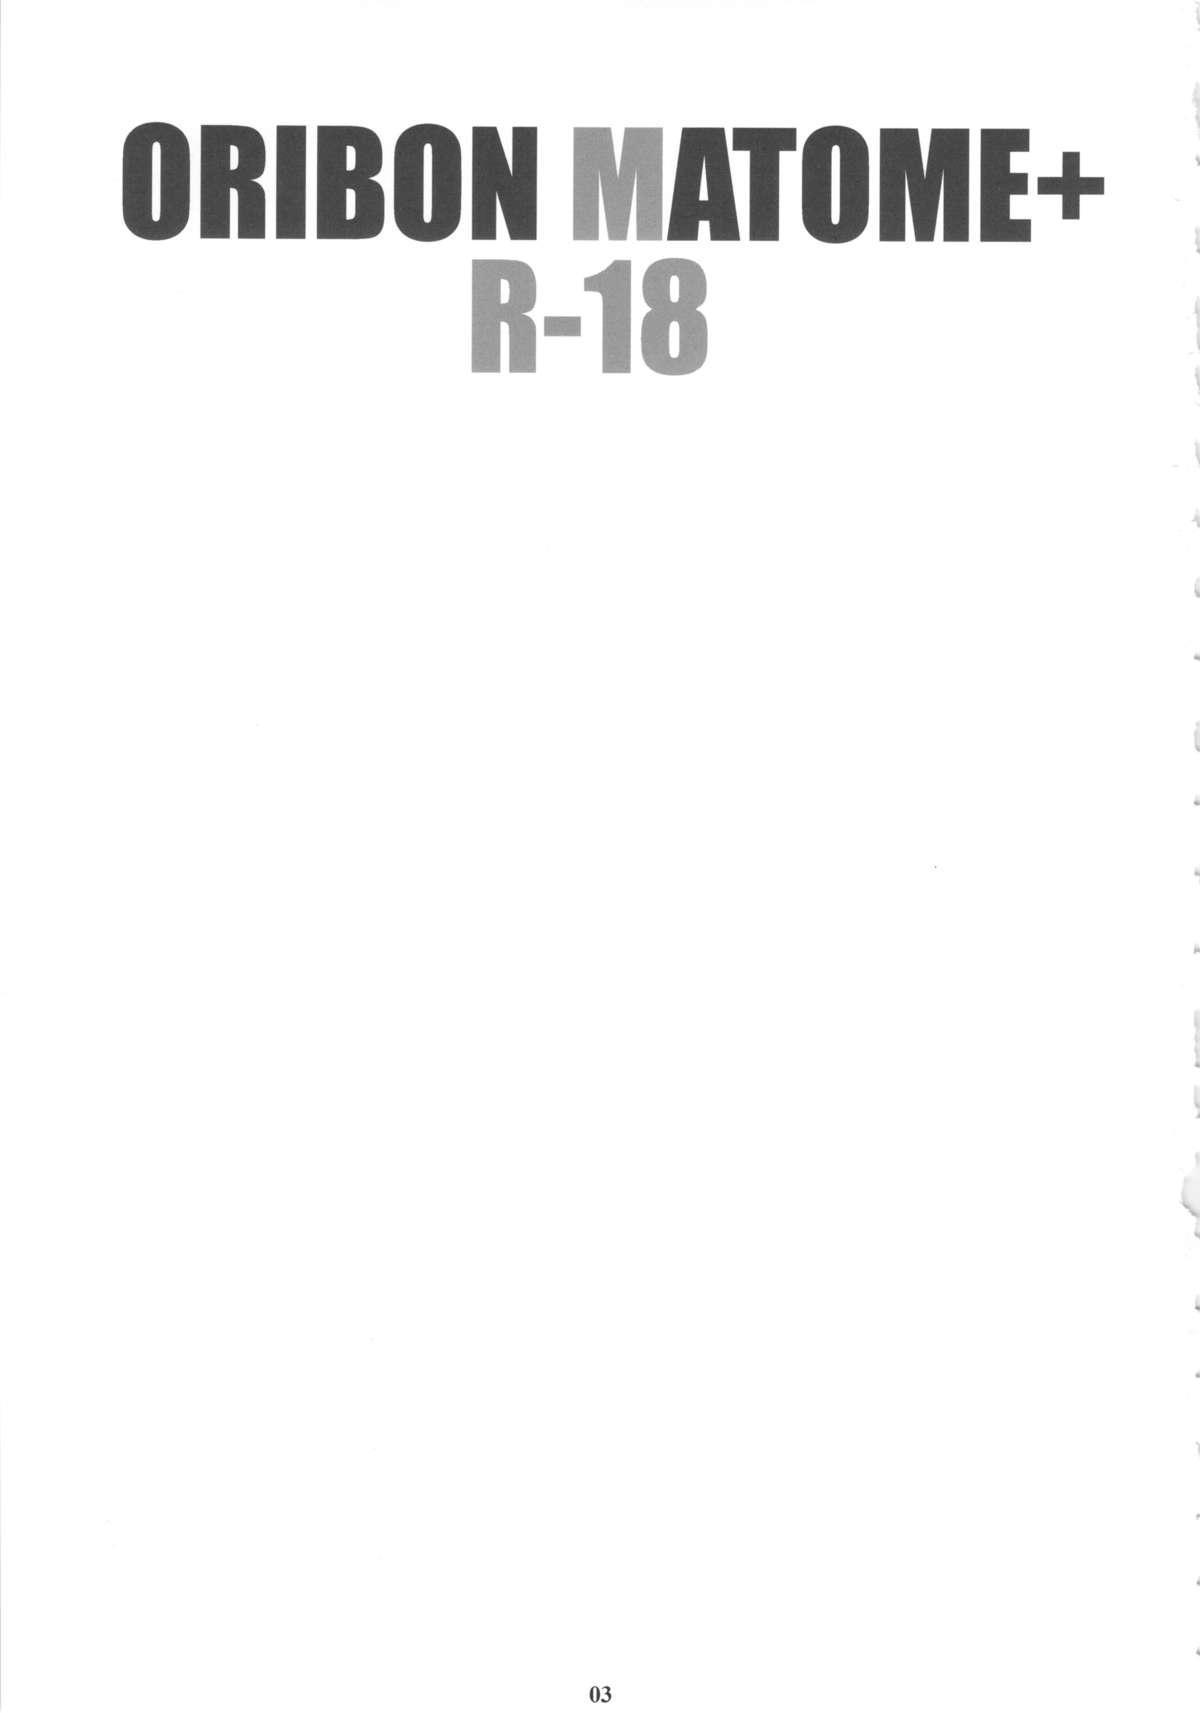 ORIBON MATOME+ R-18 1